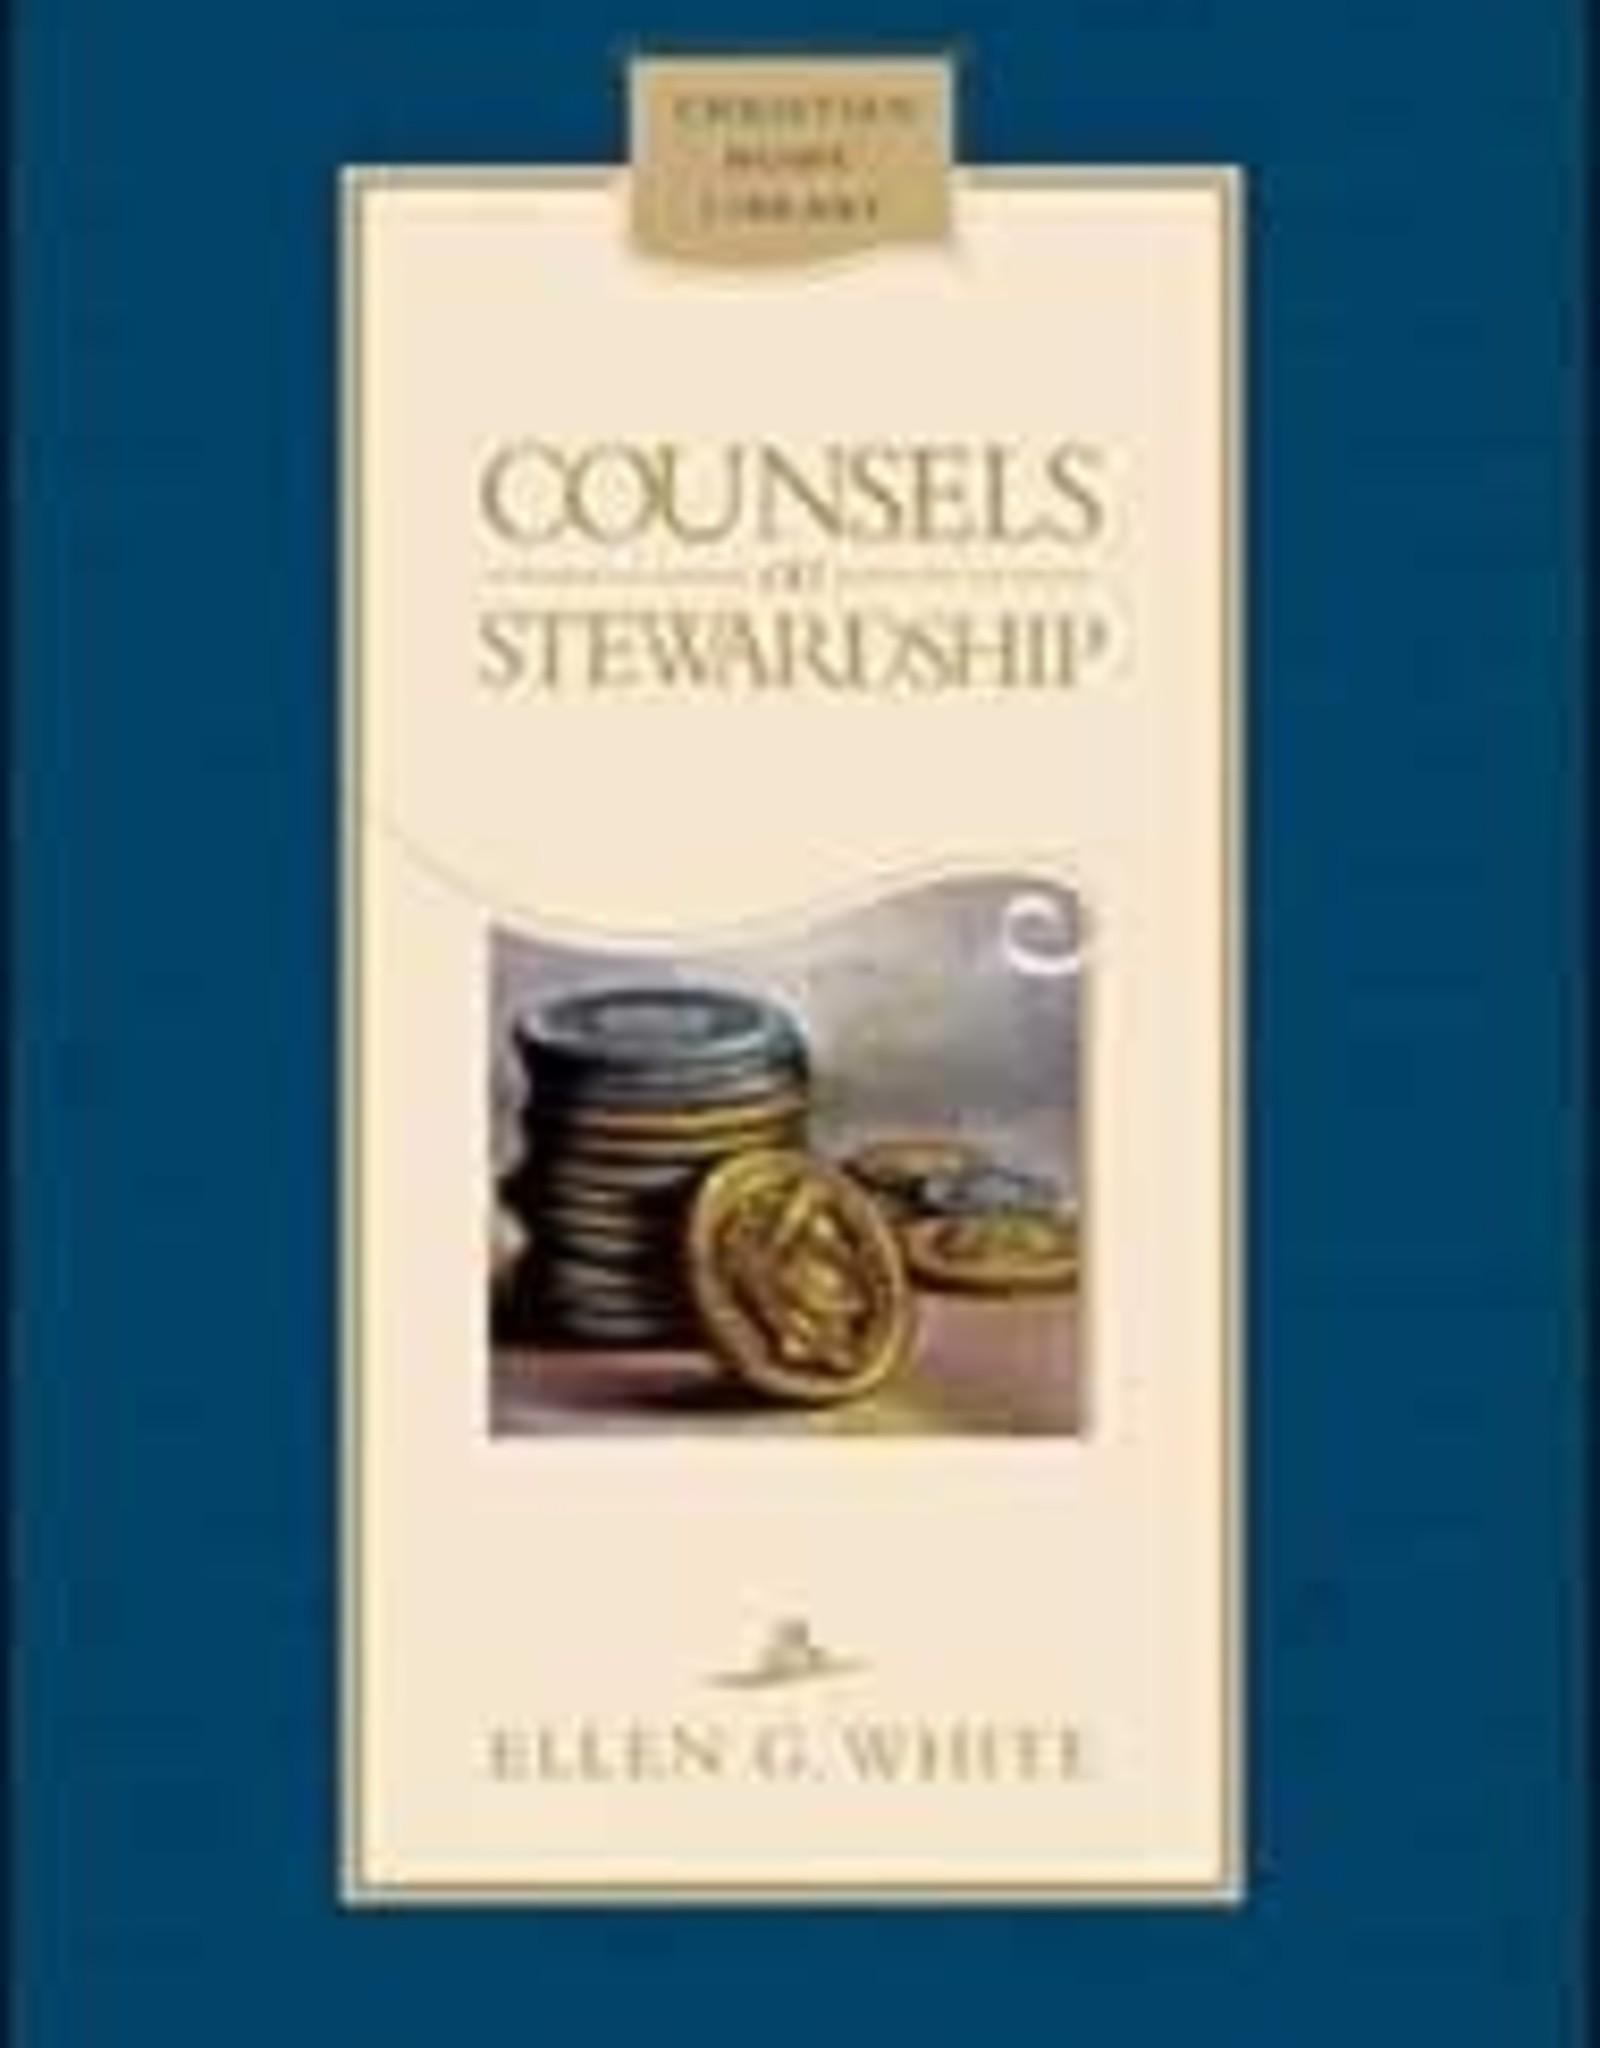 Ellen G.White Counsels on Stewardship